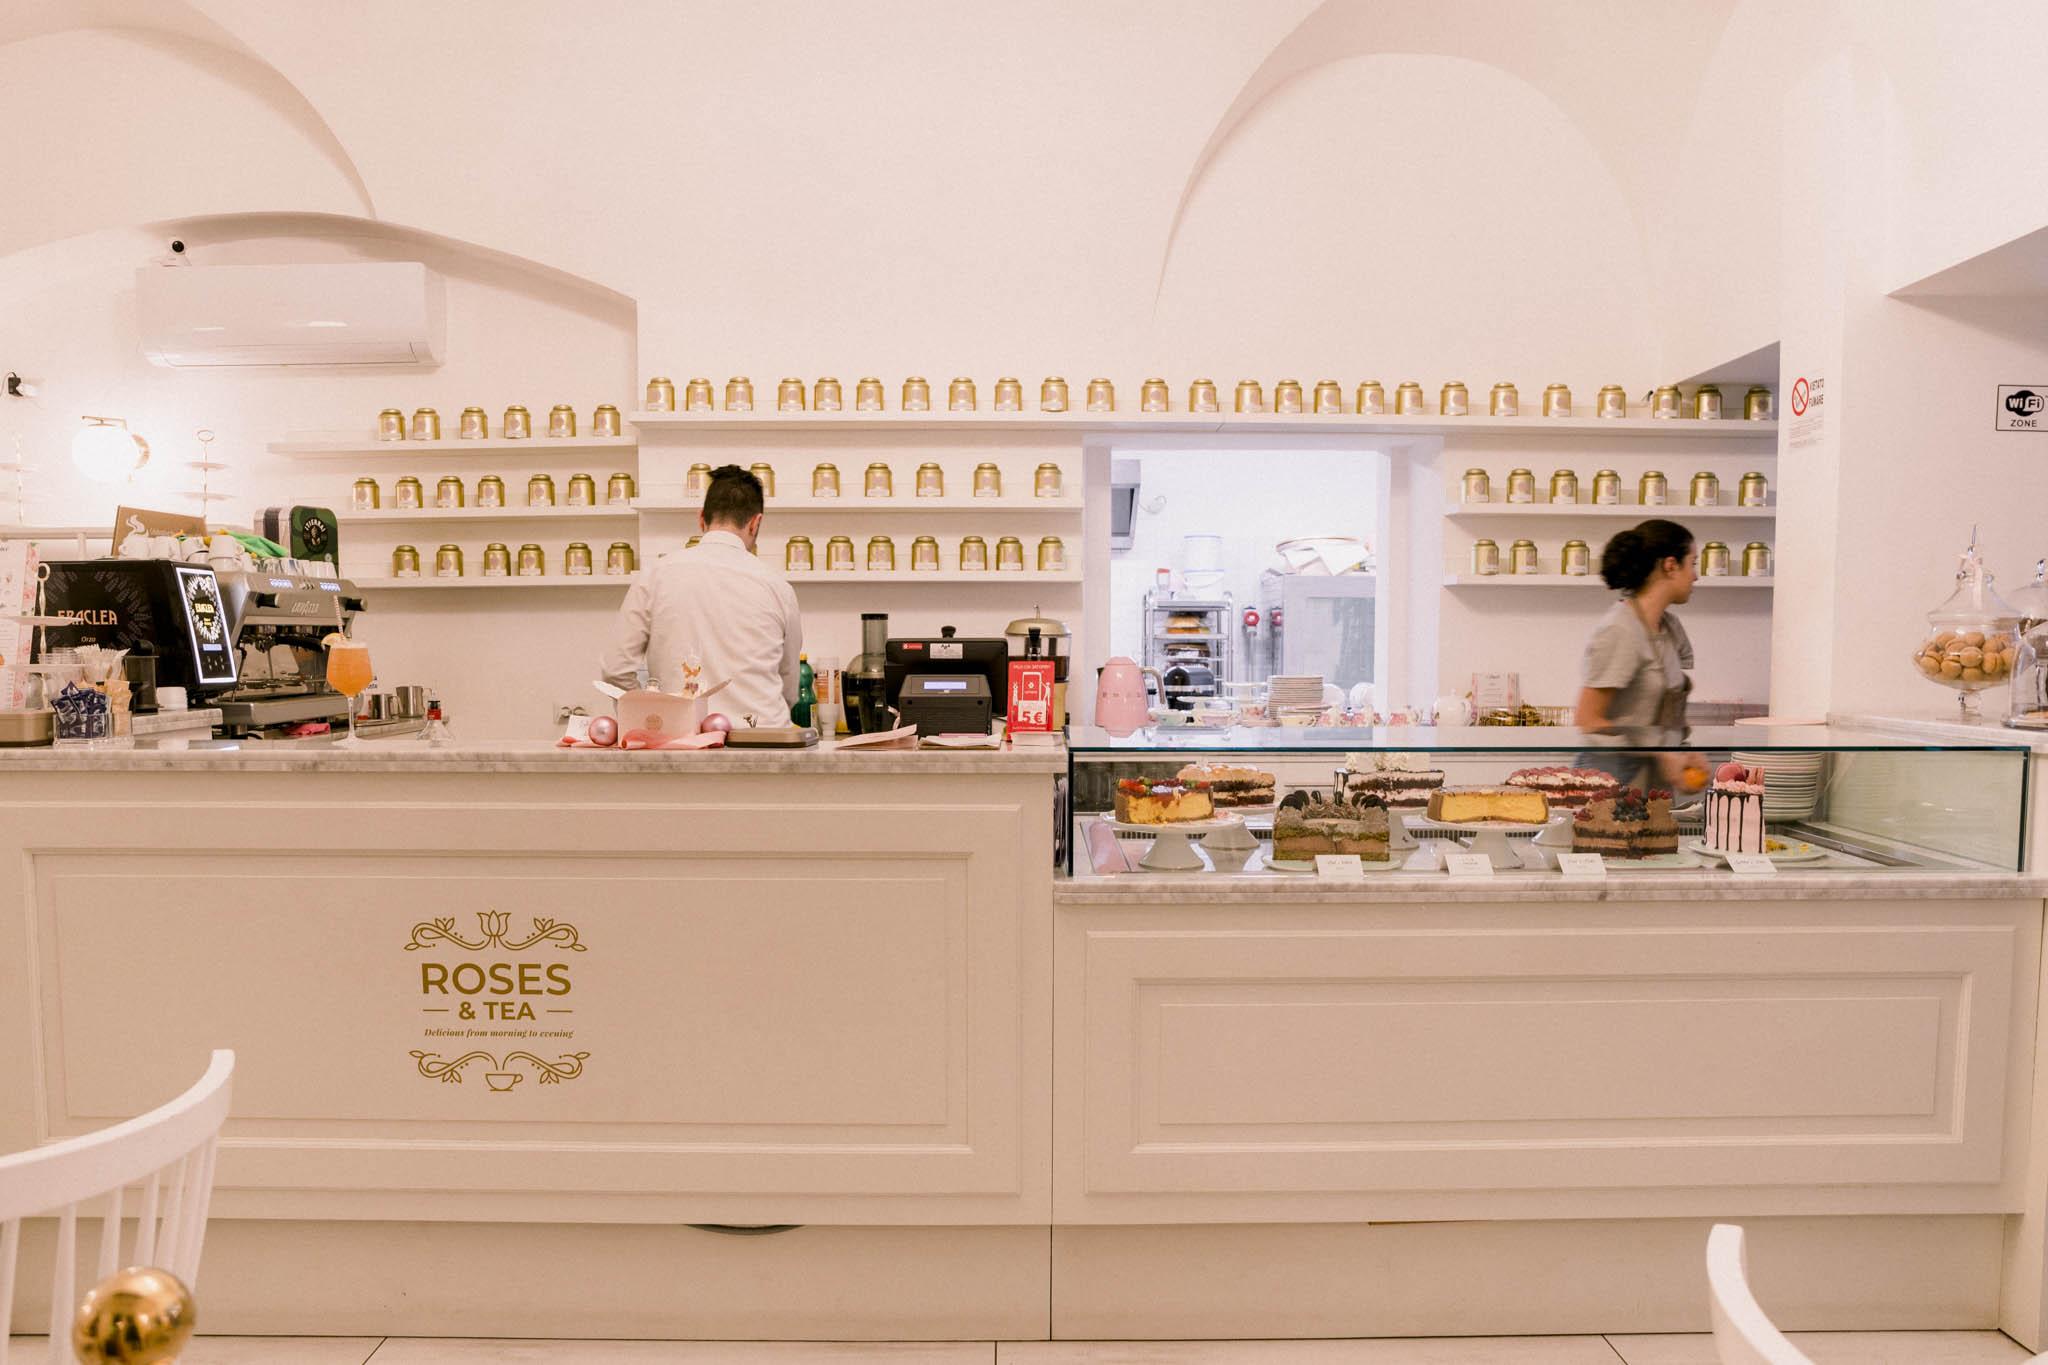 roses-and-tea-torino